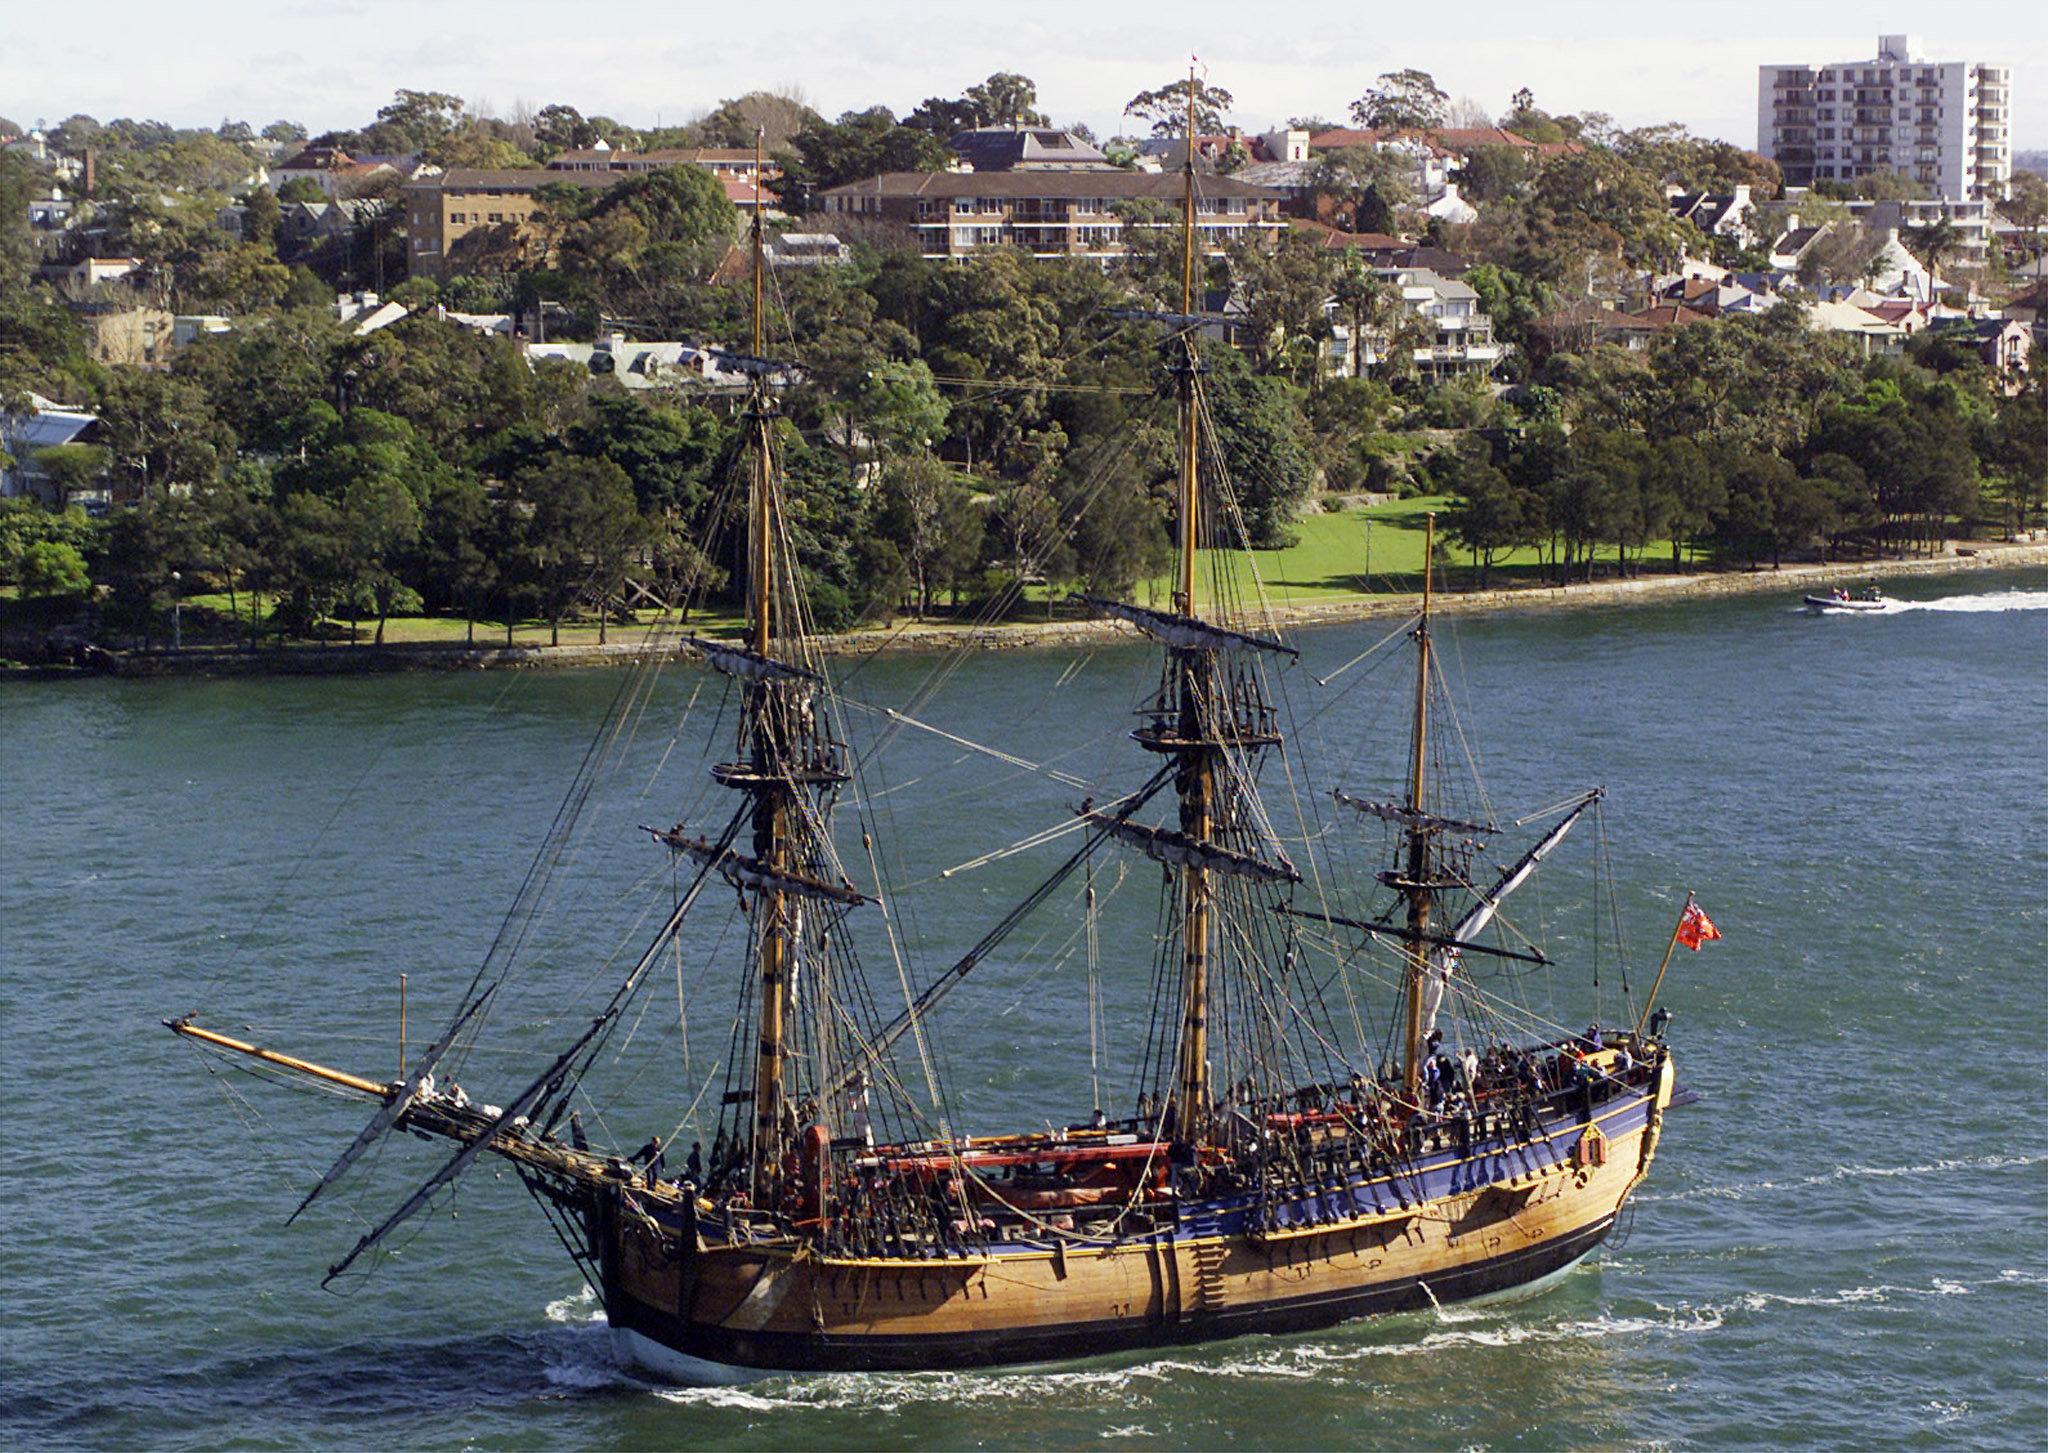 Βρέθηκε μετά από αιώνες το θρυλικό ερευνητικό πλοίο Endeavour του Κάπταιν Κουκ;